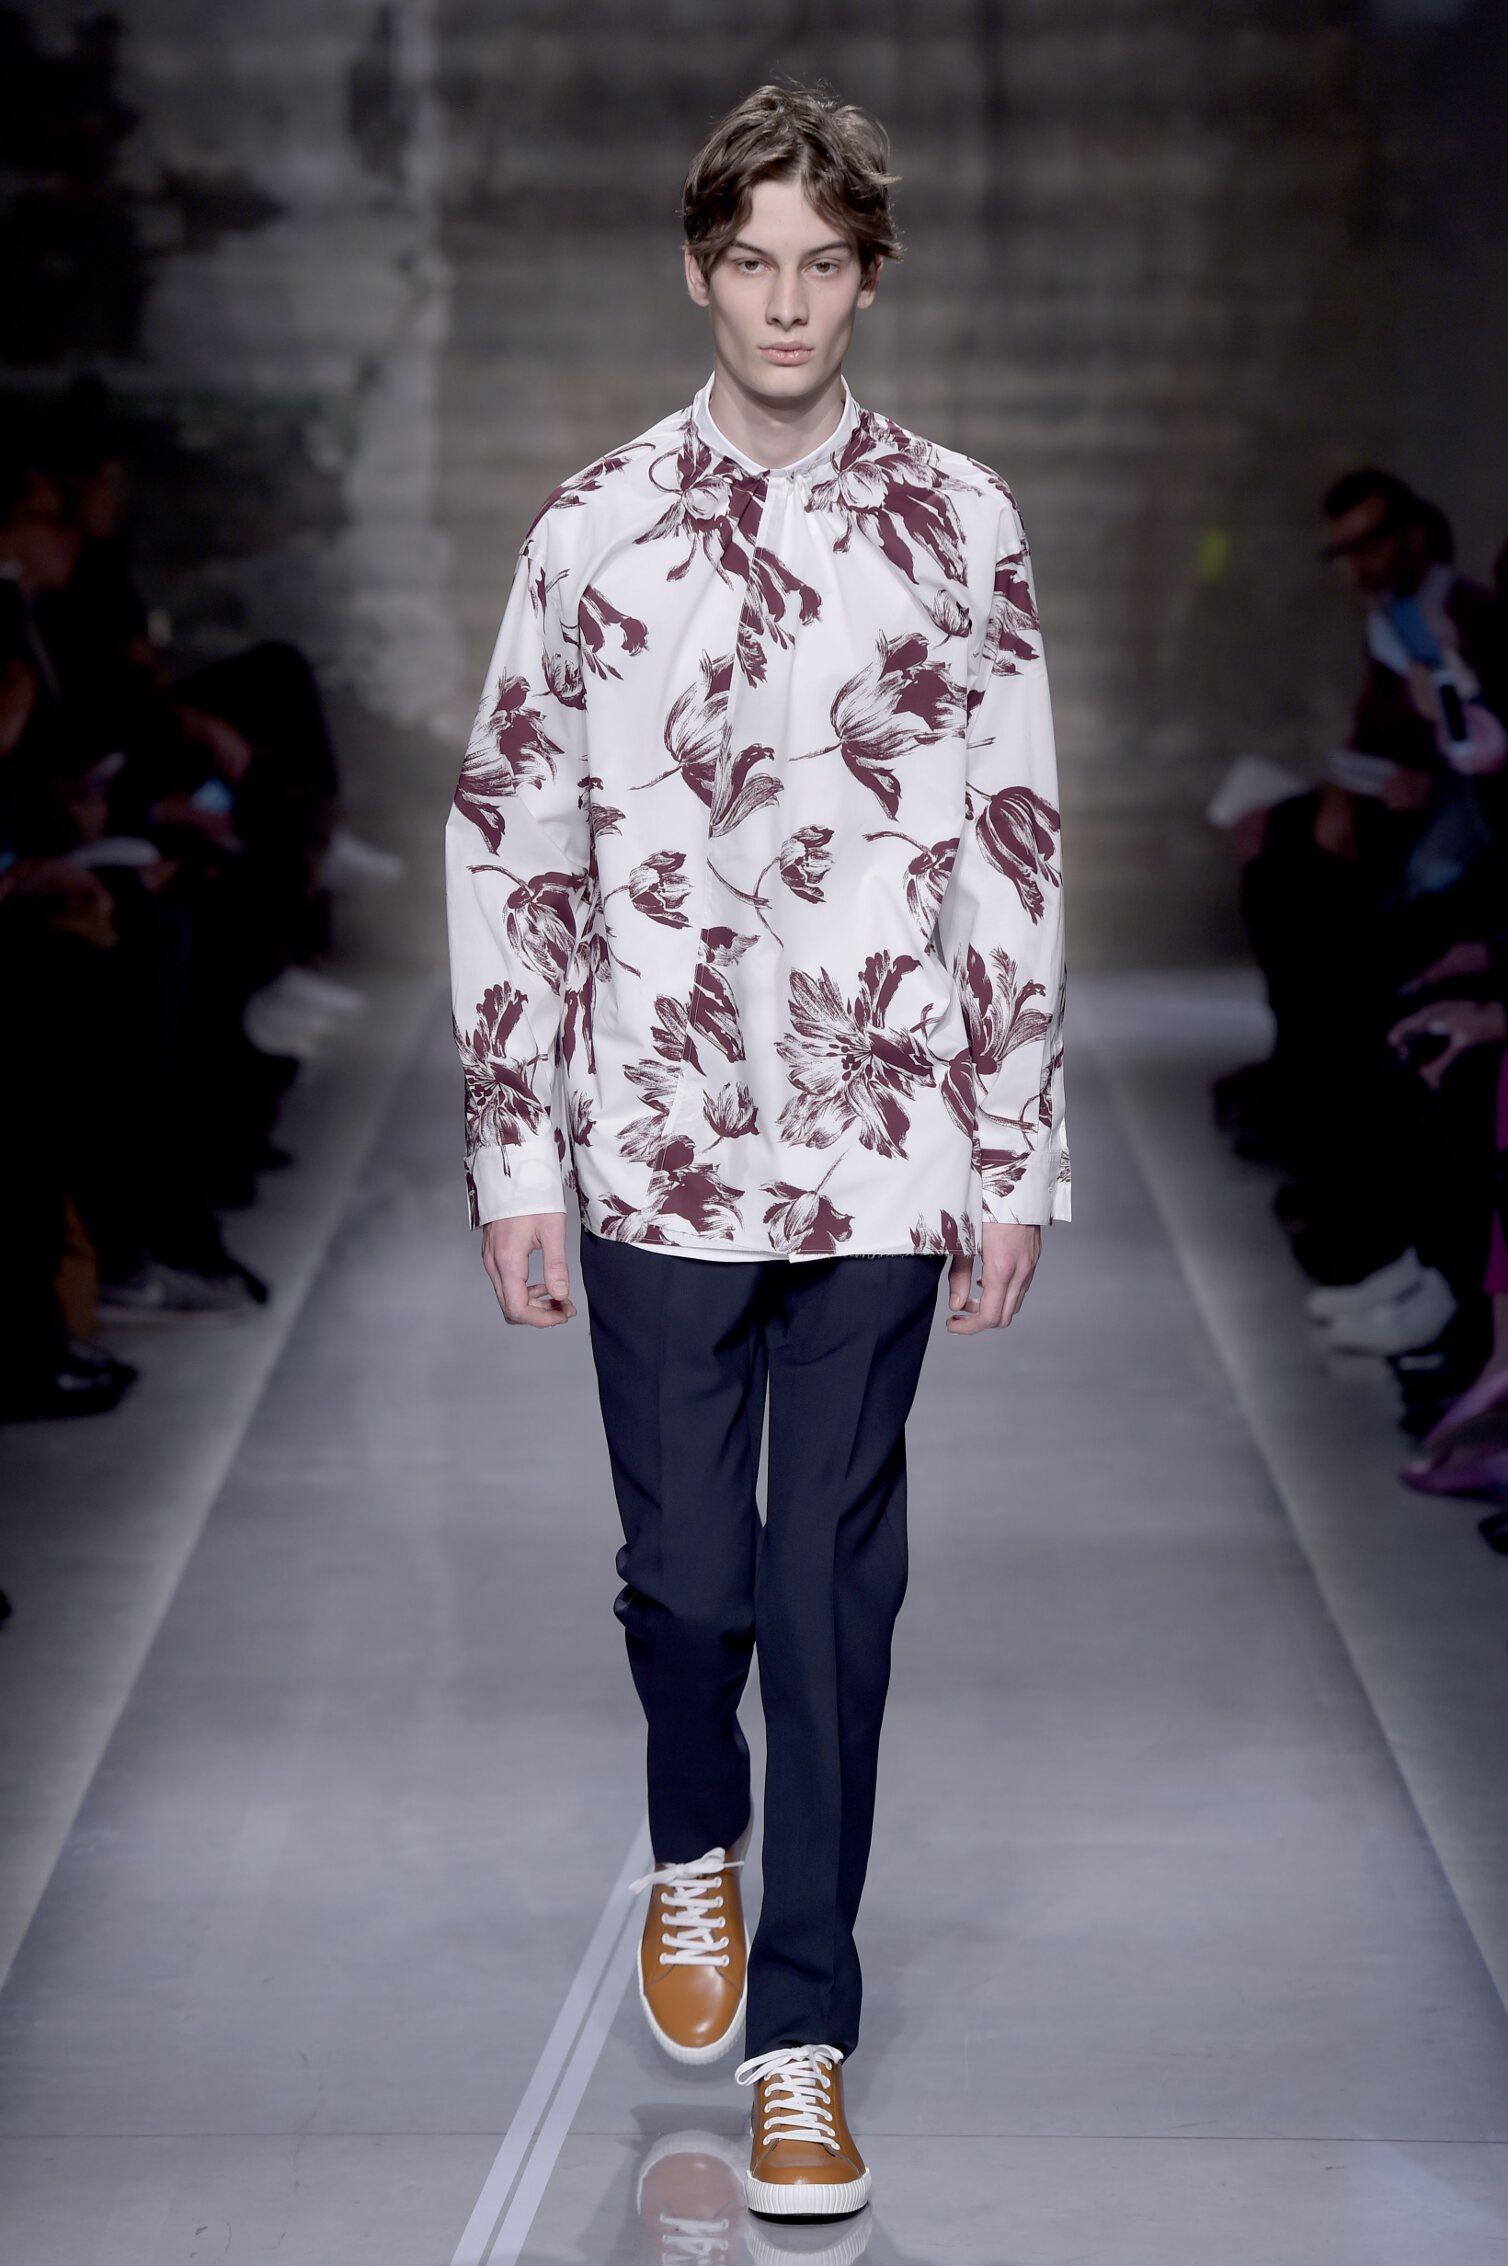 Model Fashion Show Marni